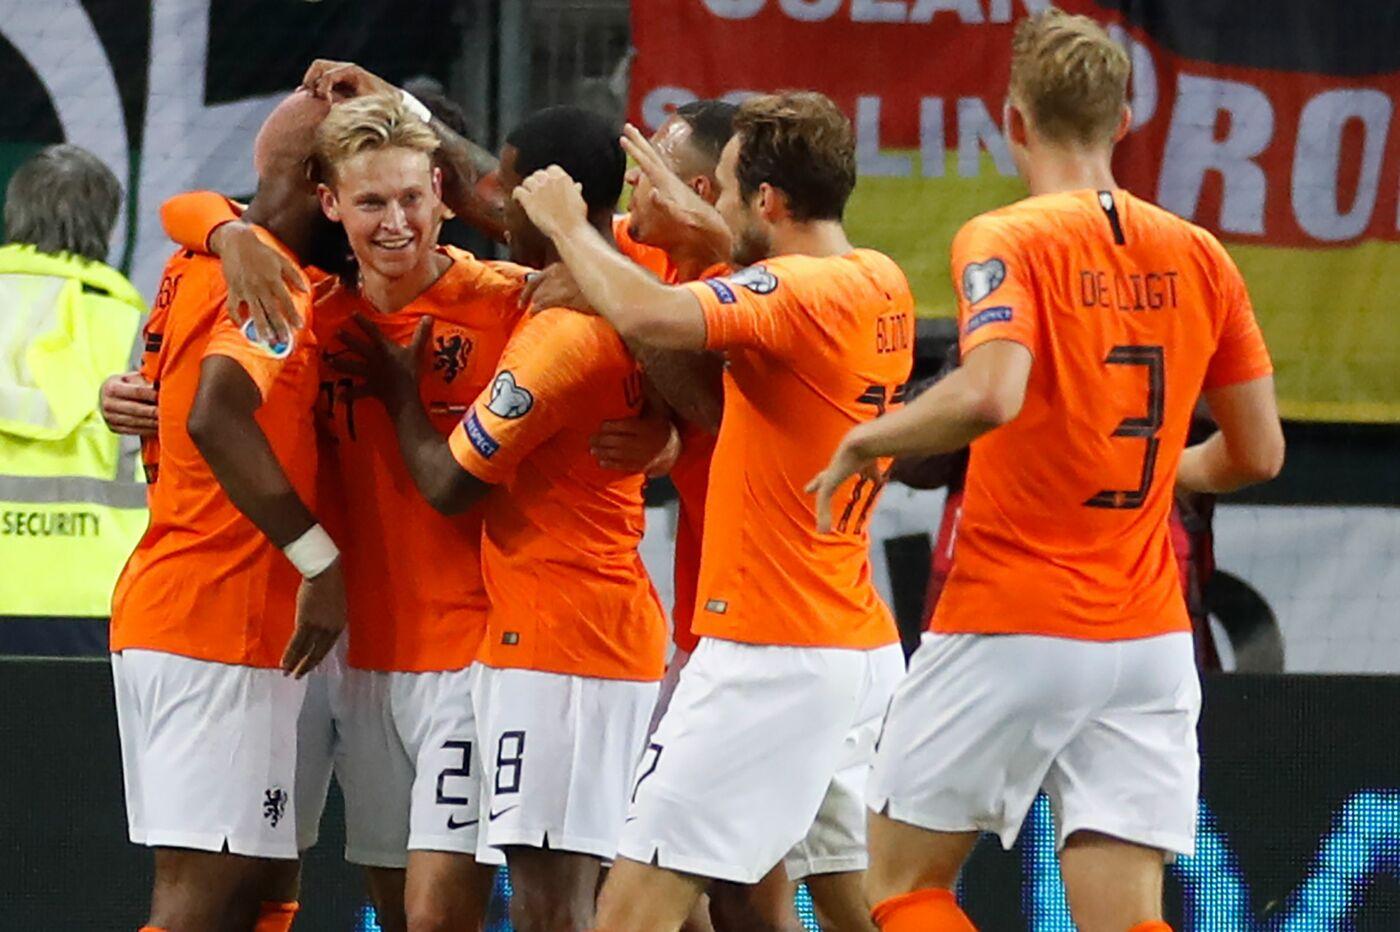 Olanda-Irlanda del Nord 10 ottobre: il pronostico delle qualificazioni agli Europei